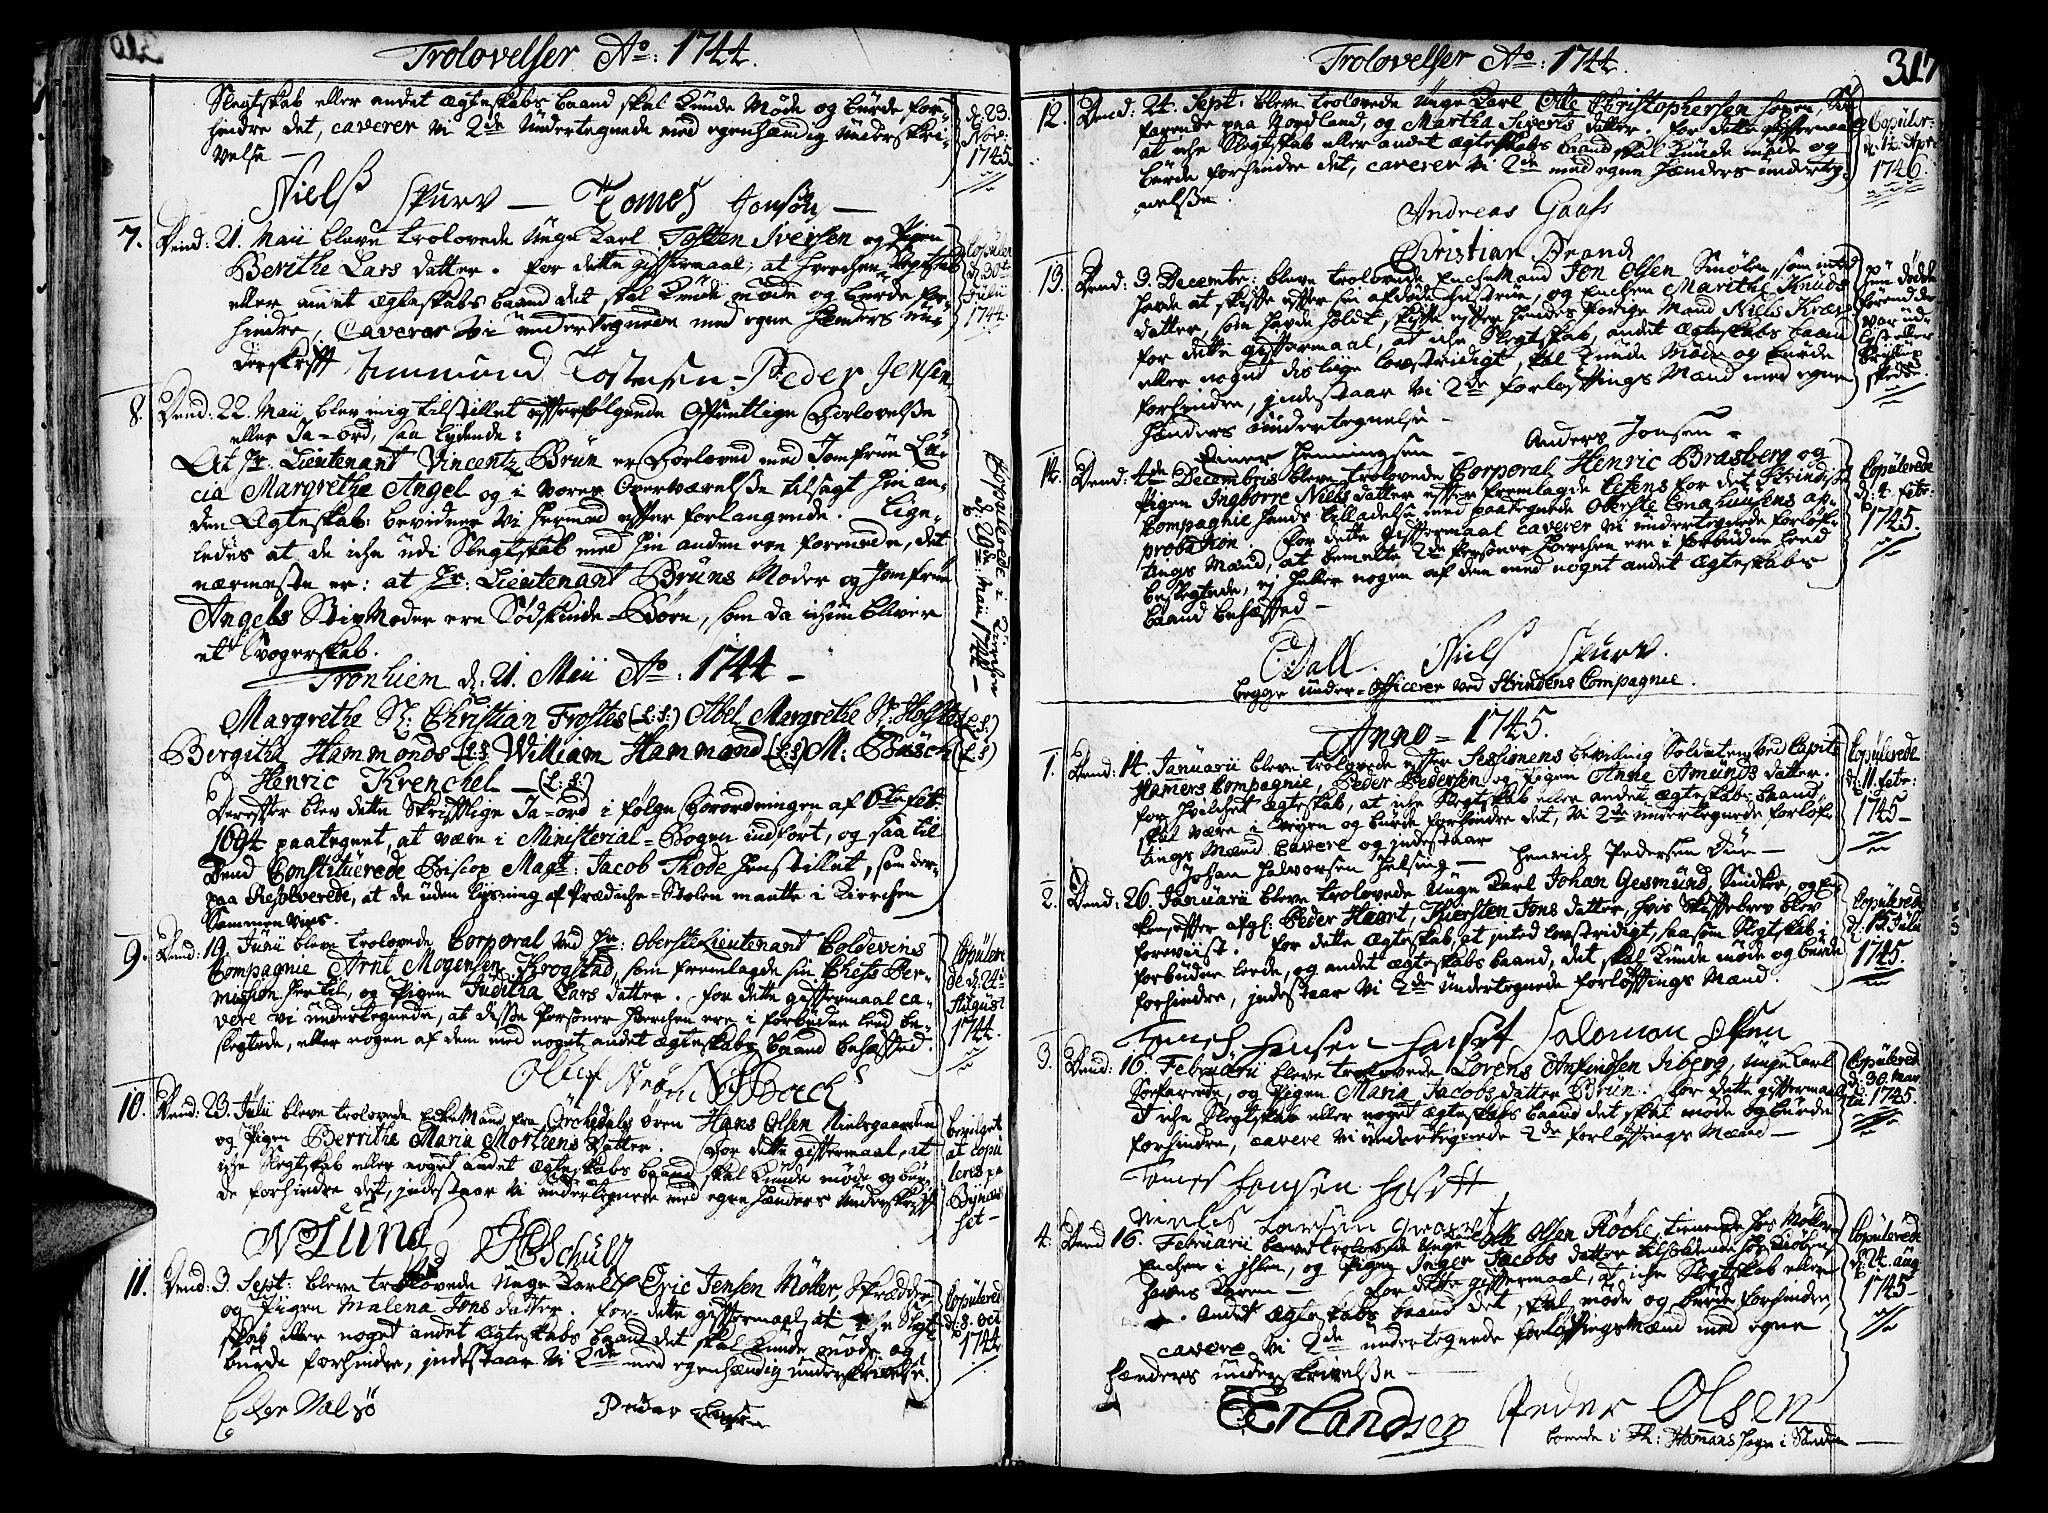 SAT, Ministerialprotokoller, klokkerbøker og fødselsregistre - Sør-Trøndelag, 602/L0103: Ministerialbok nr. 602A01, 1732-1774, s. 317